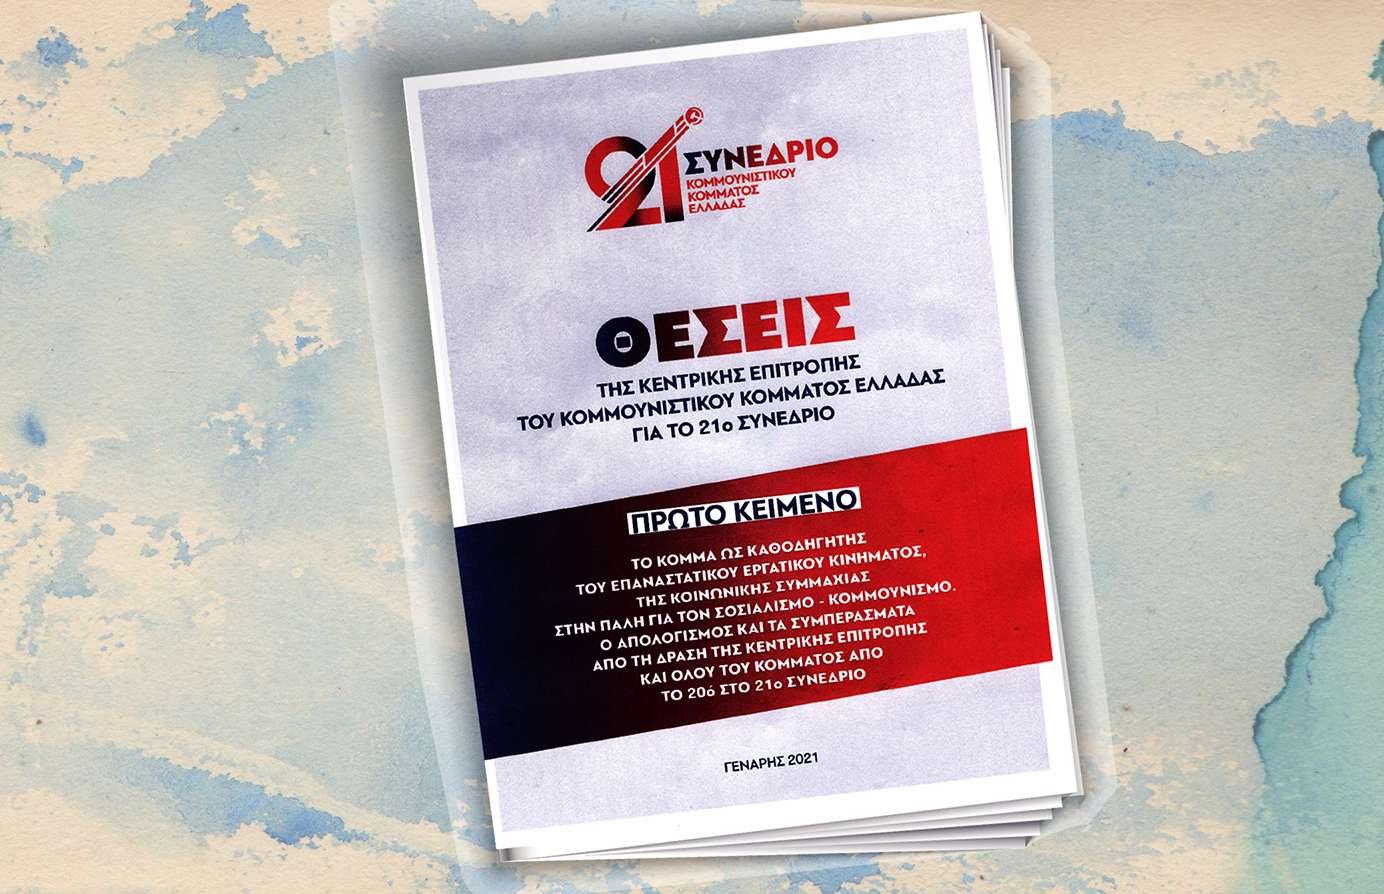 21ο Συνέδριο ΚΚΕ 21 synedrio KKE 1